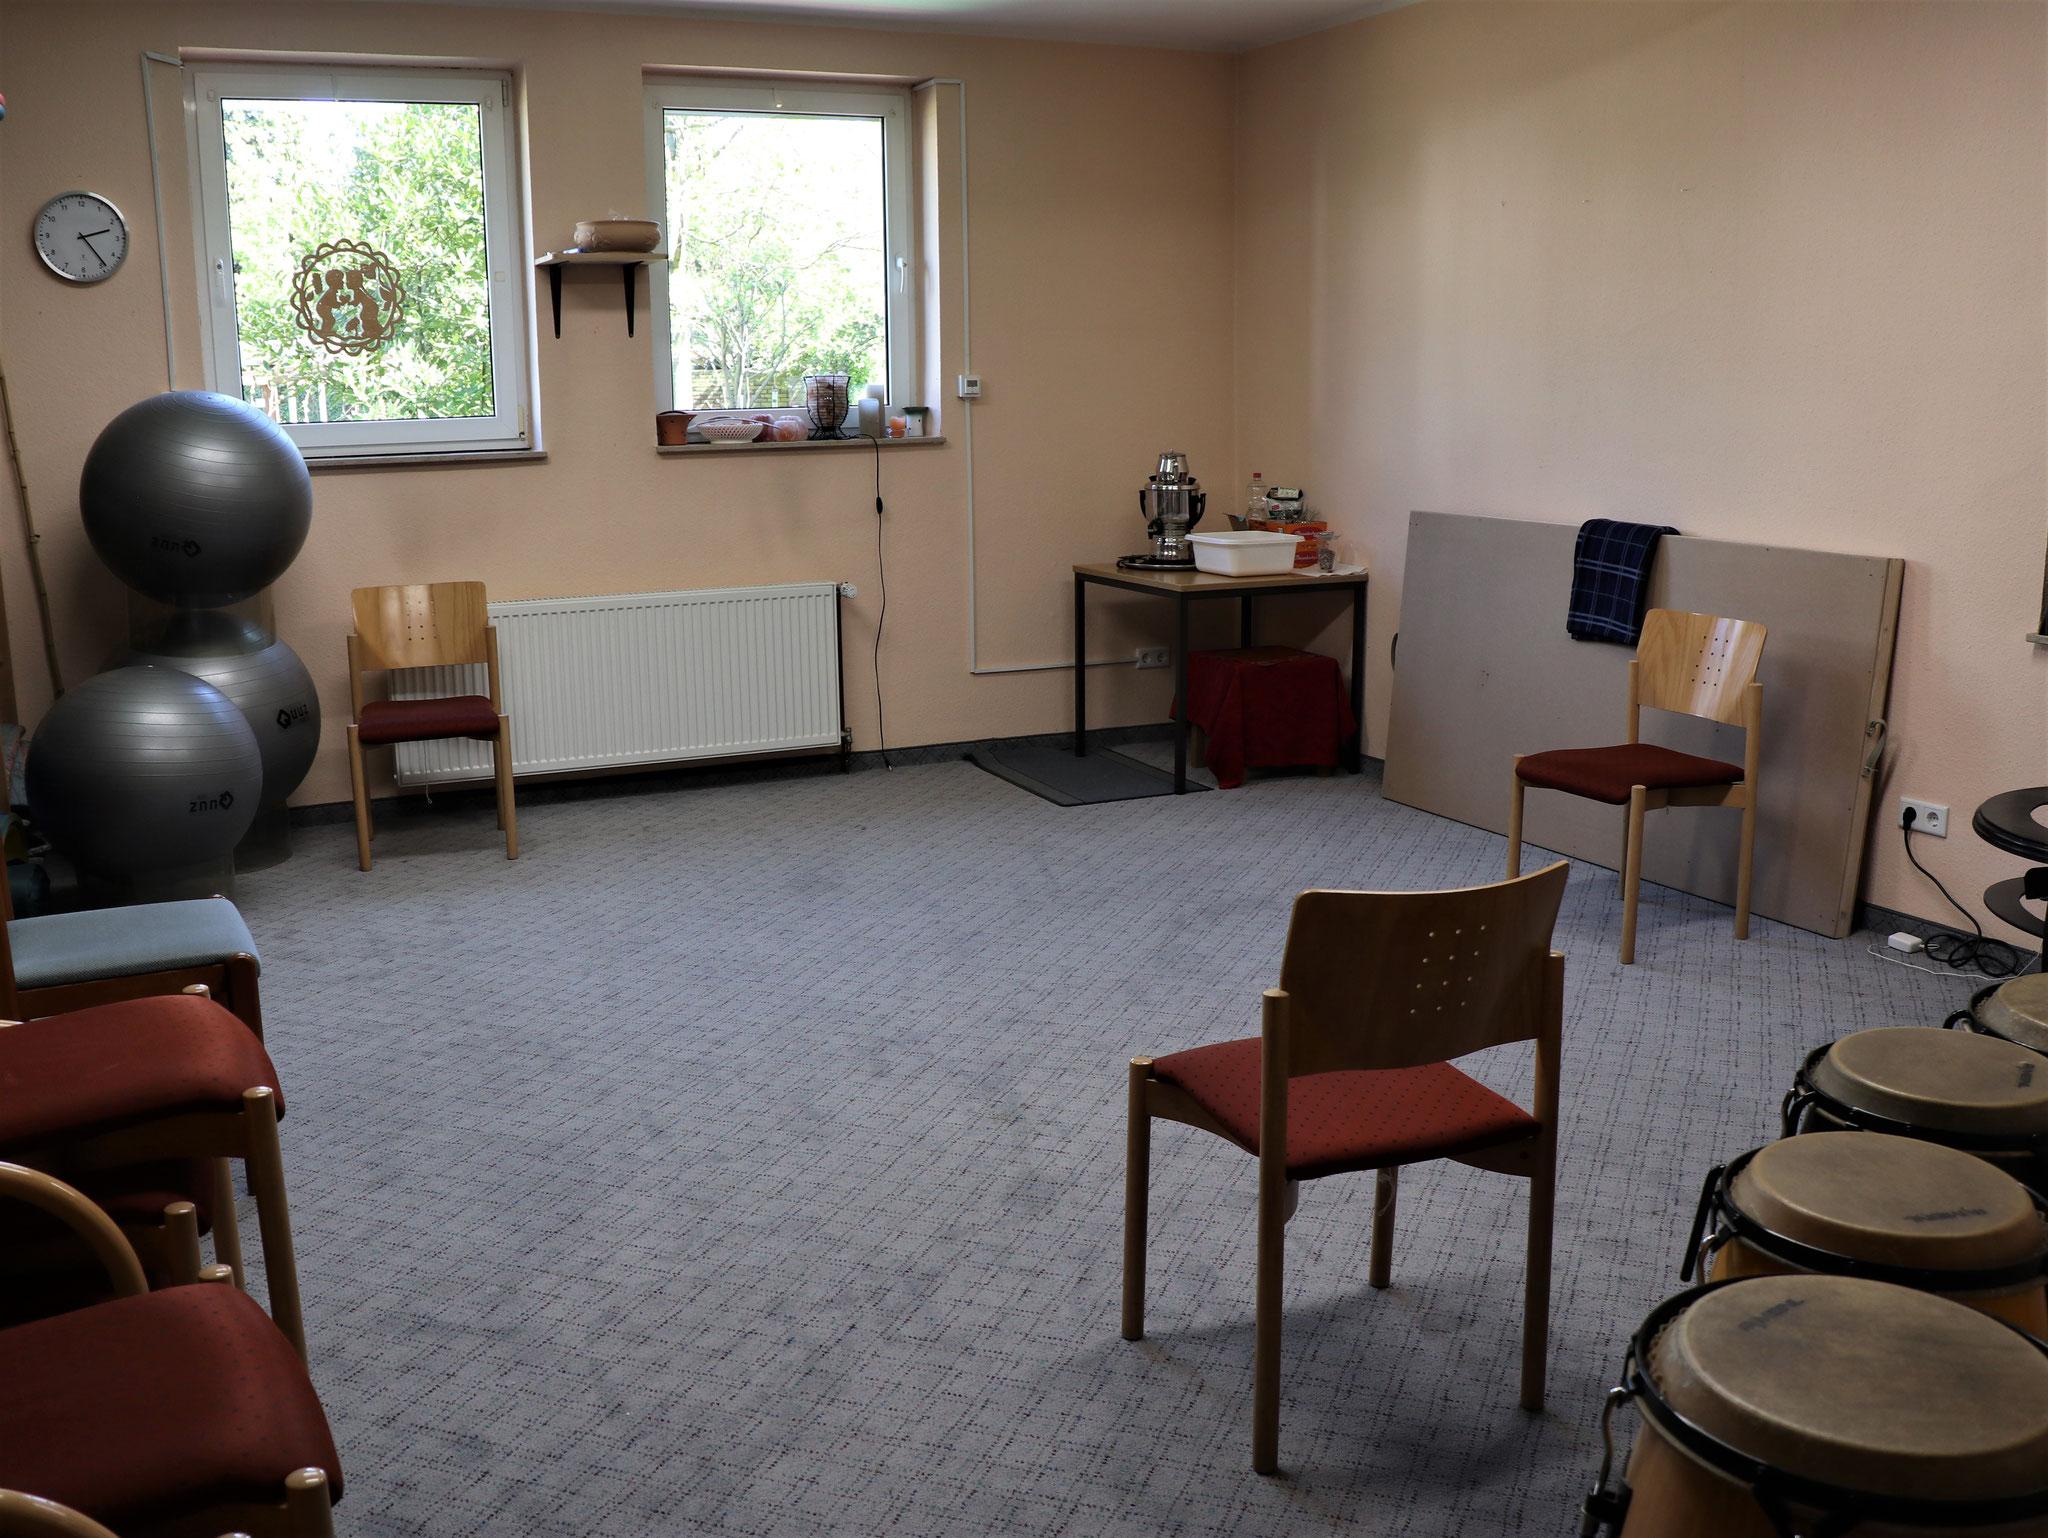 Hier entsteht derzeit ein neues Office; Laminat ist inzwischen verlegt